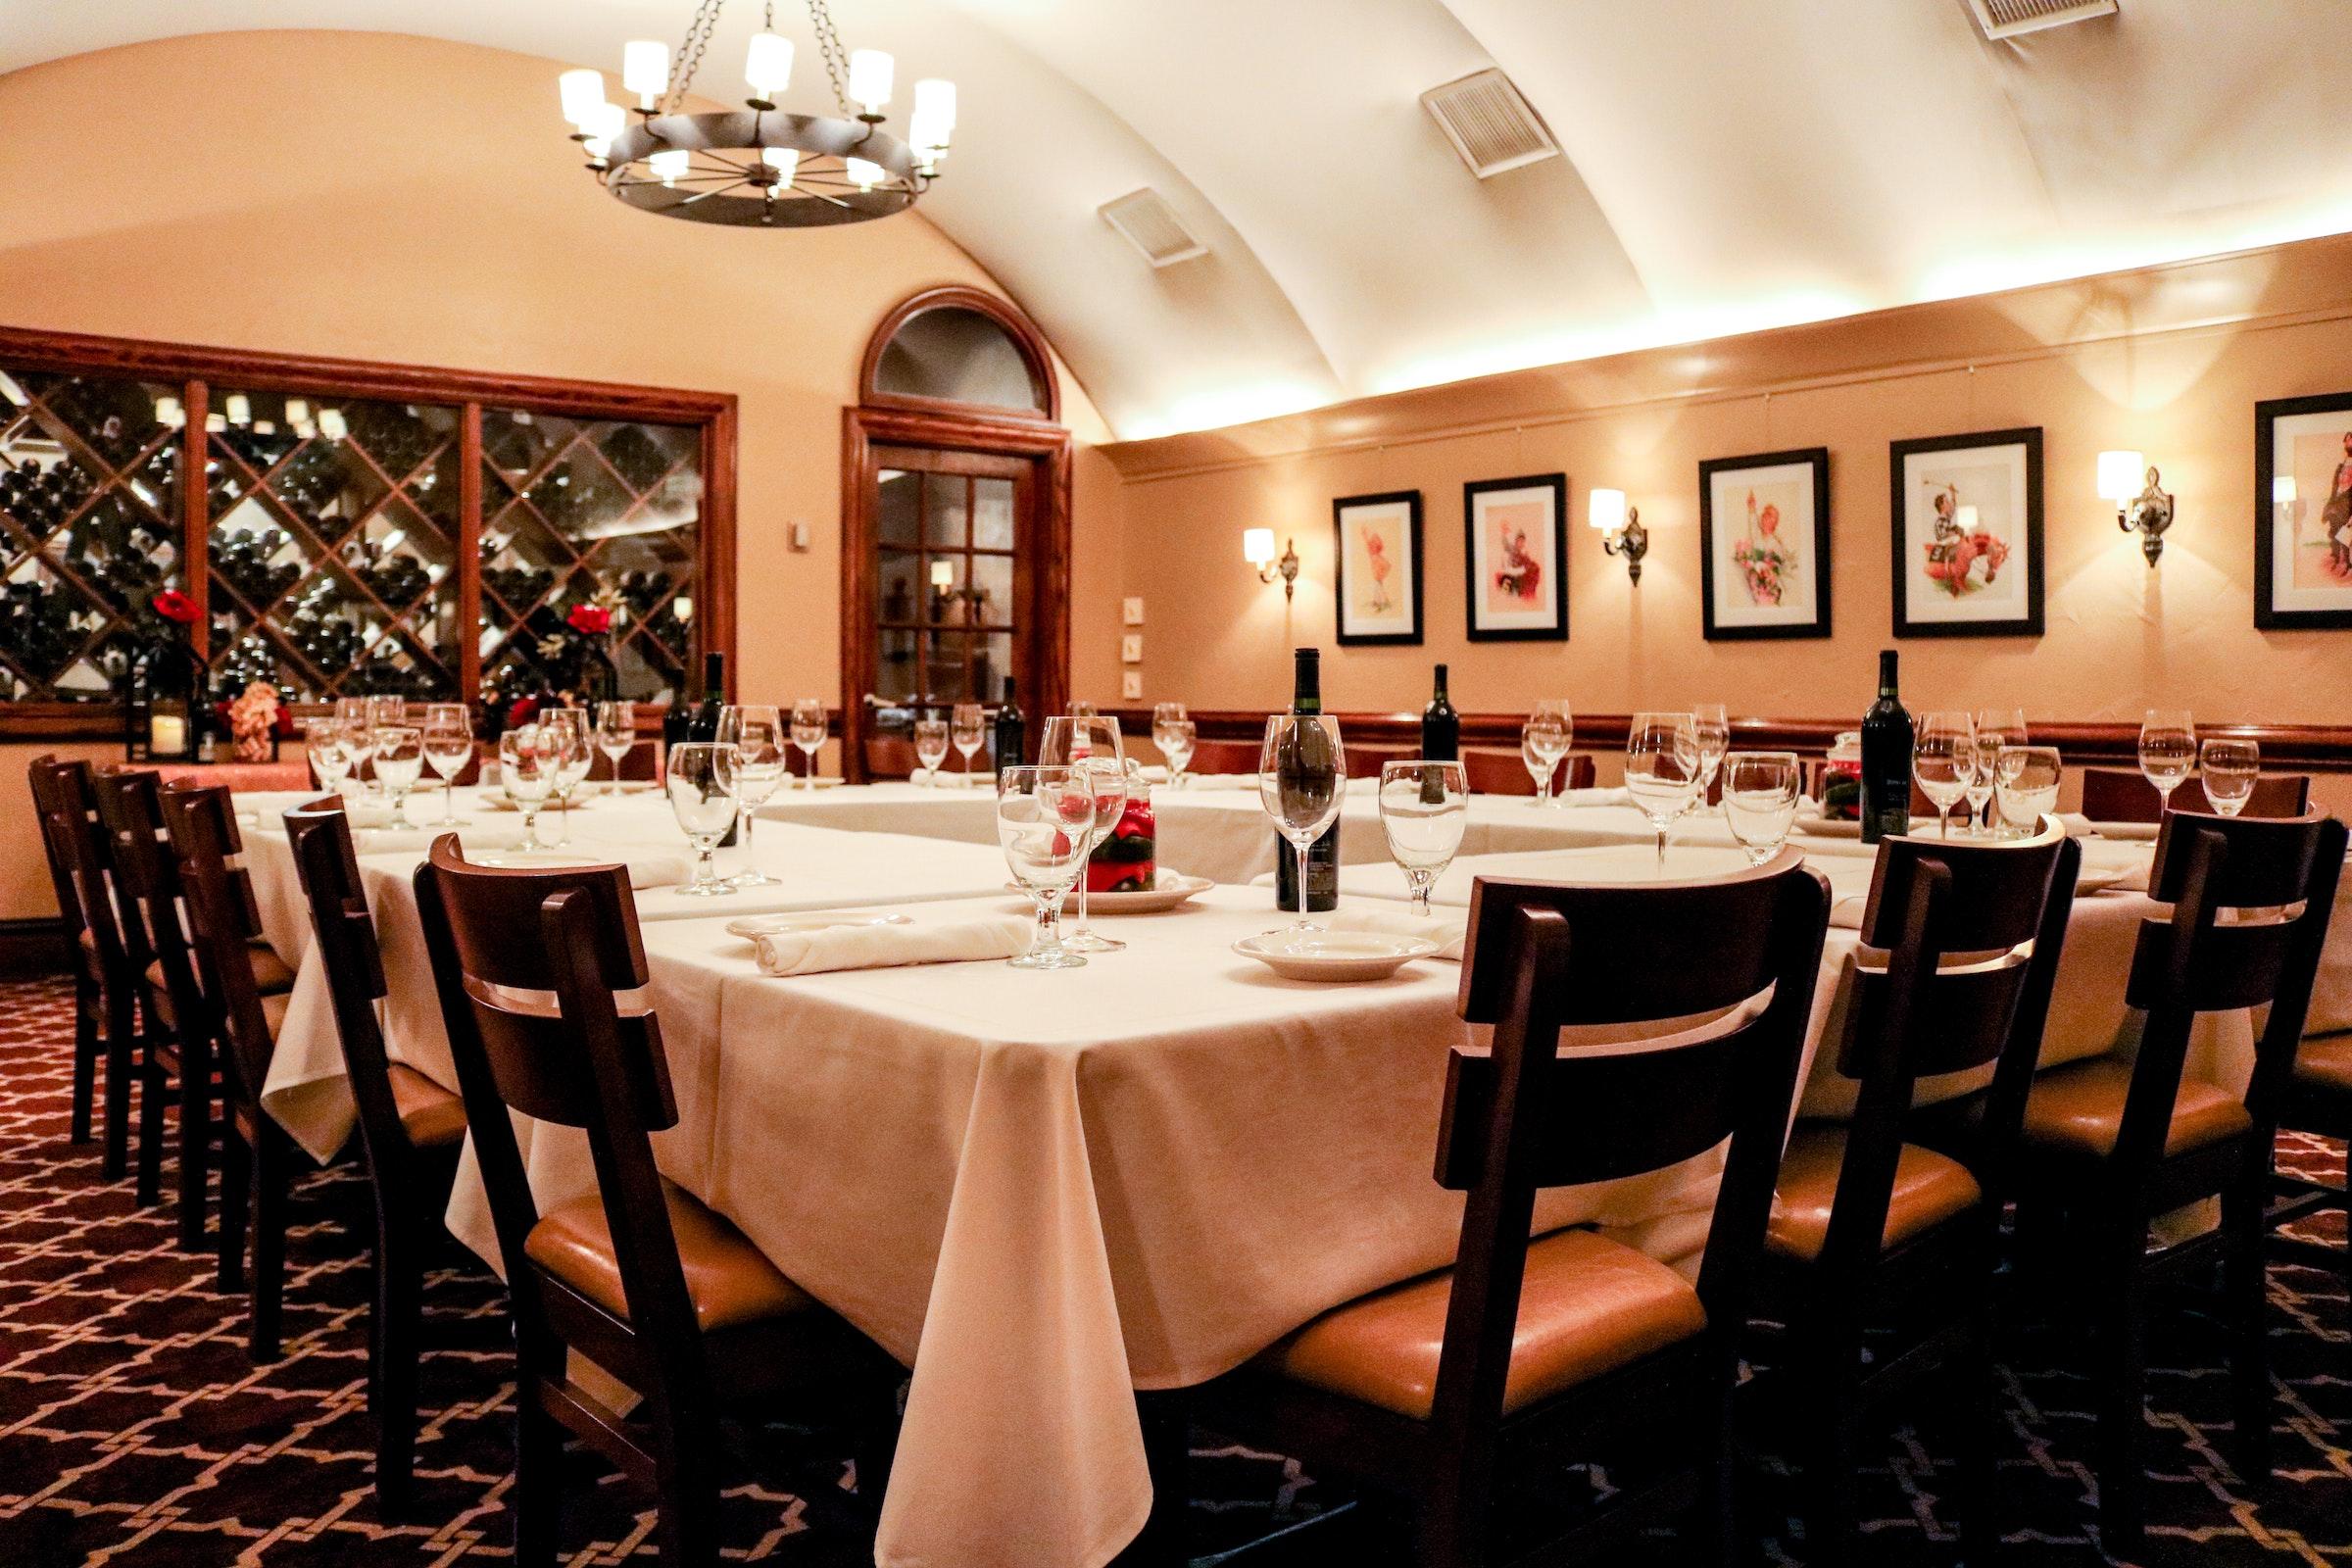 Bob's Steak & Chop House in Beyond Dallas